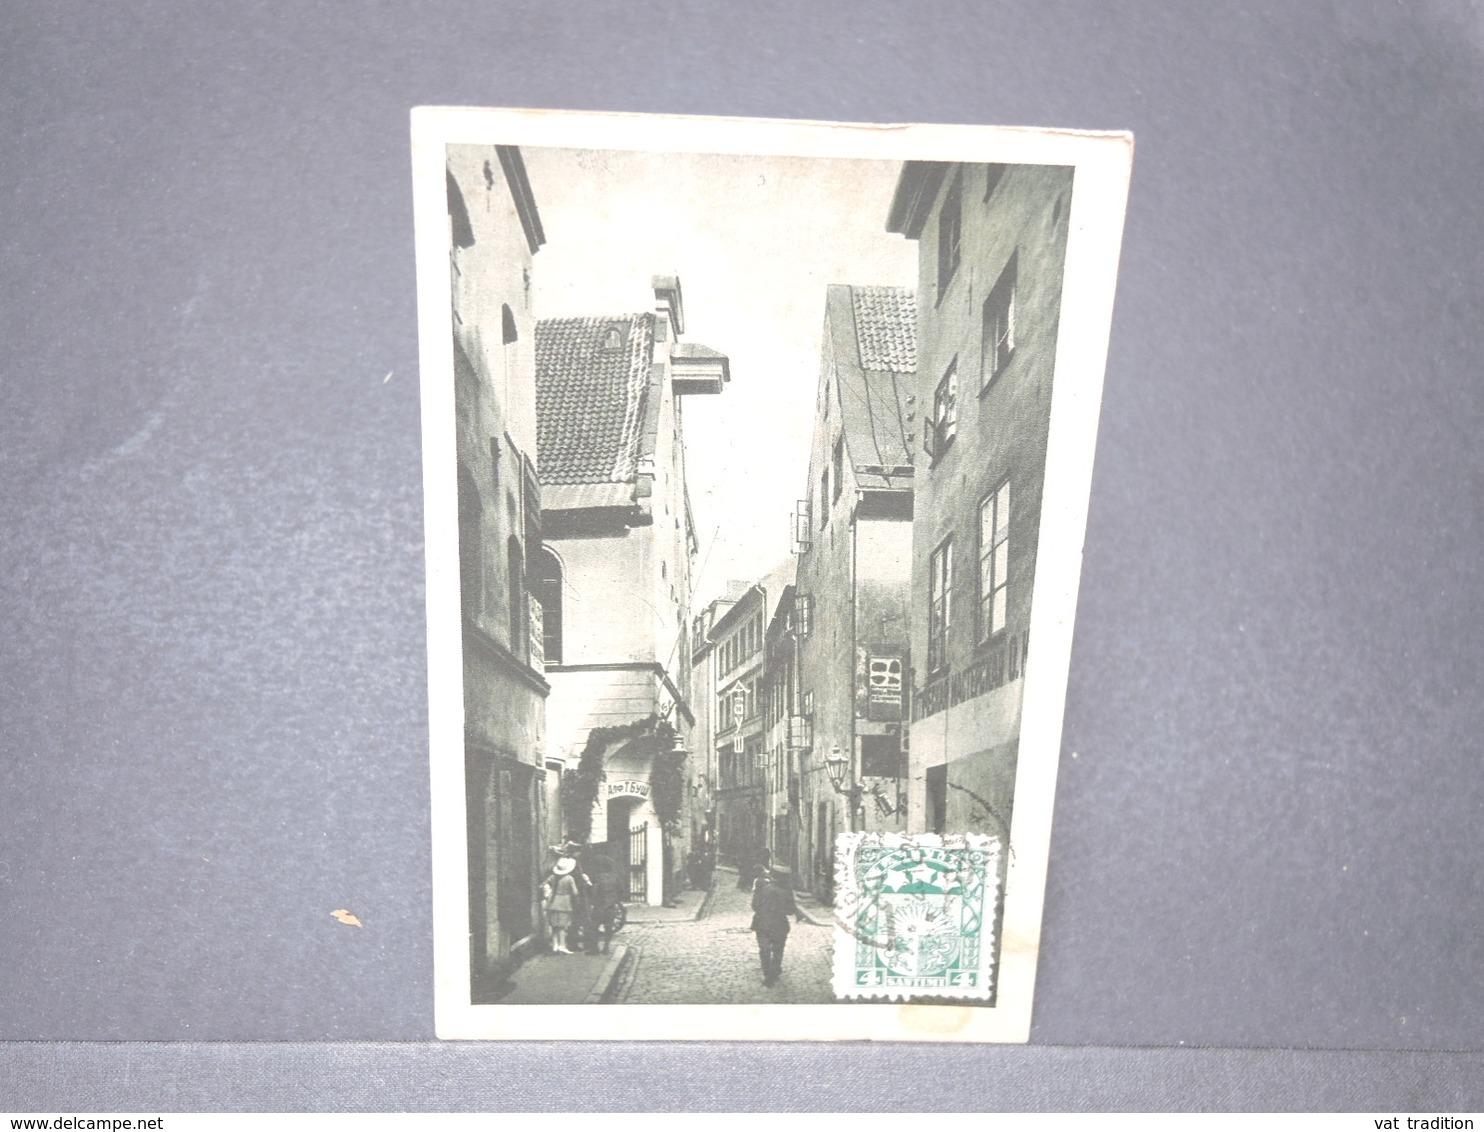 LETTONIE - Carte Postale De Riga - Die Klein Jungfernstrasse - 1924 - L 15768 - Lettonie